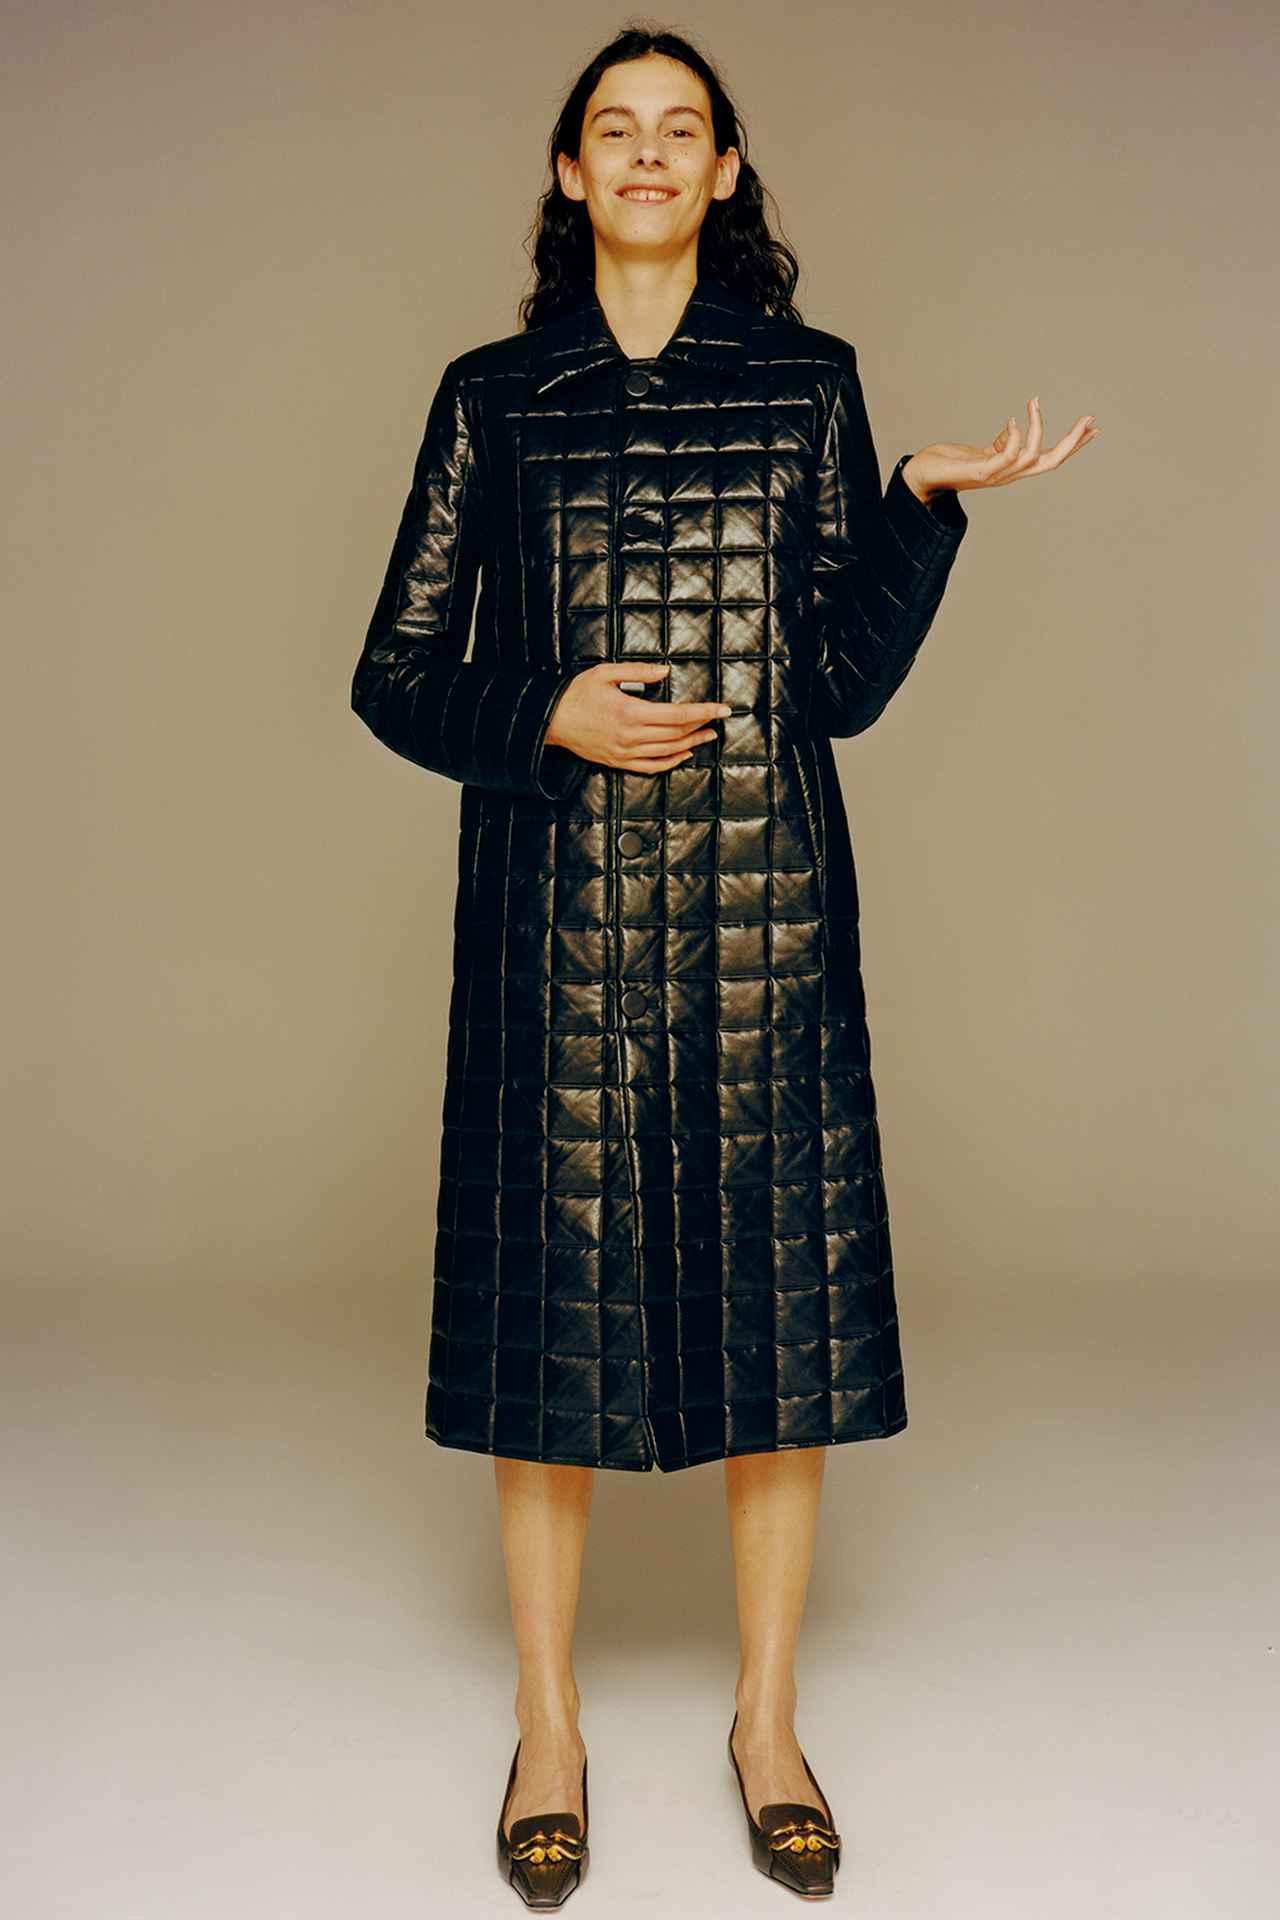 Images : 4番目の画像 - 「次に来るものは何? ファッションが描く 未来図に異変あり」のアルバム - T JAPAN:The New York Times Style Magazine 公式サイト